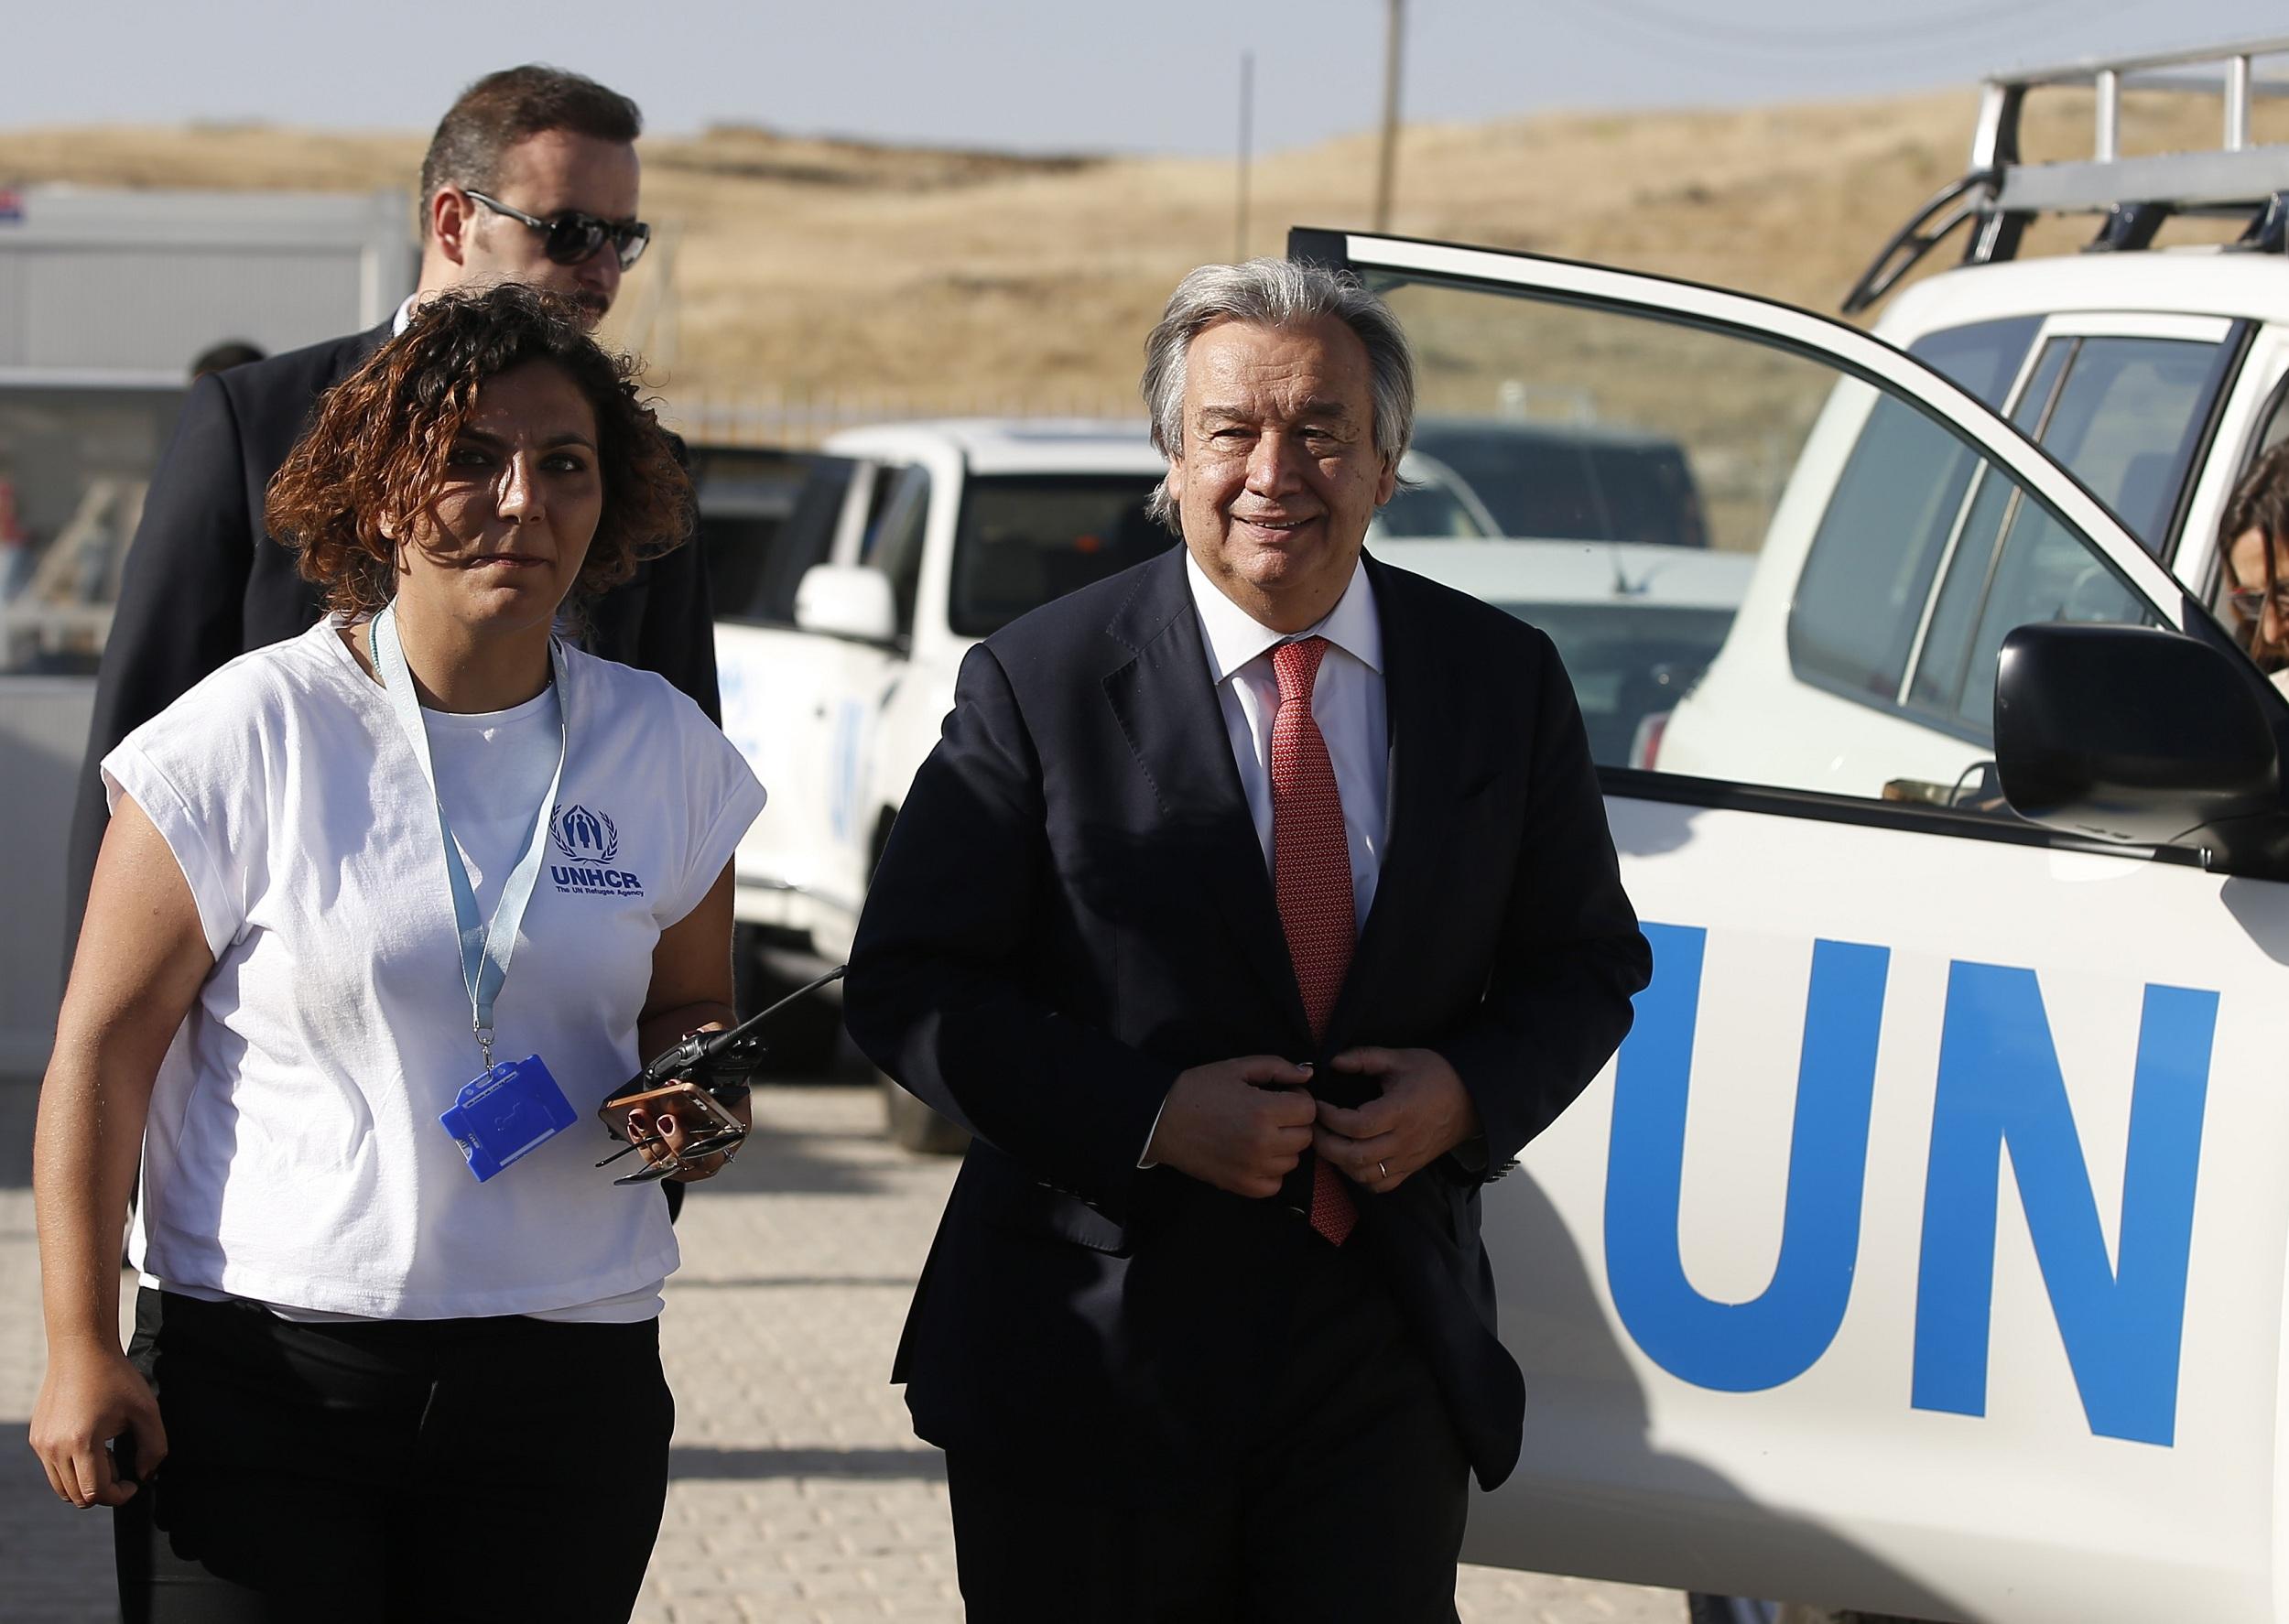 可望接任聯合國秘書長